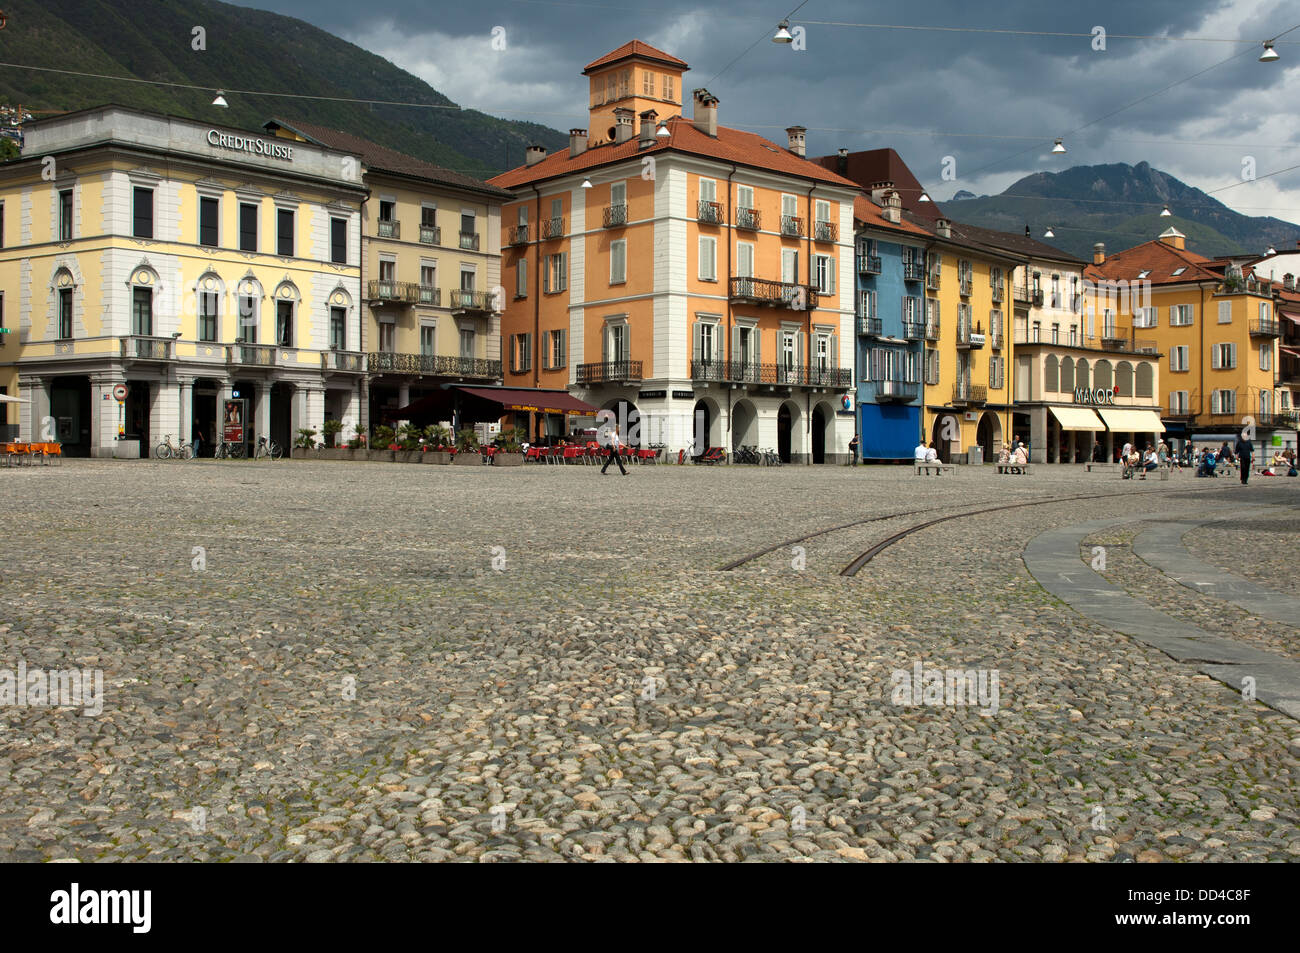 Cobbelstone pavement on the main square Piazza Grande, Locarno,Ticino, Switzerland - Stock Image